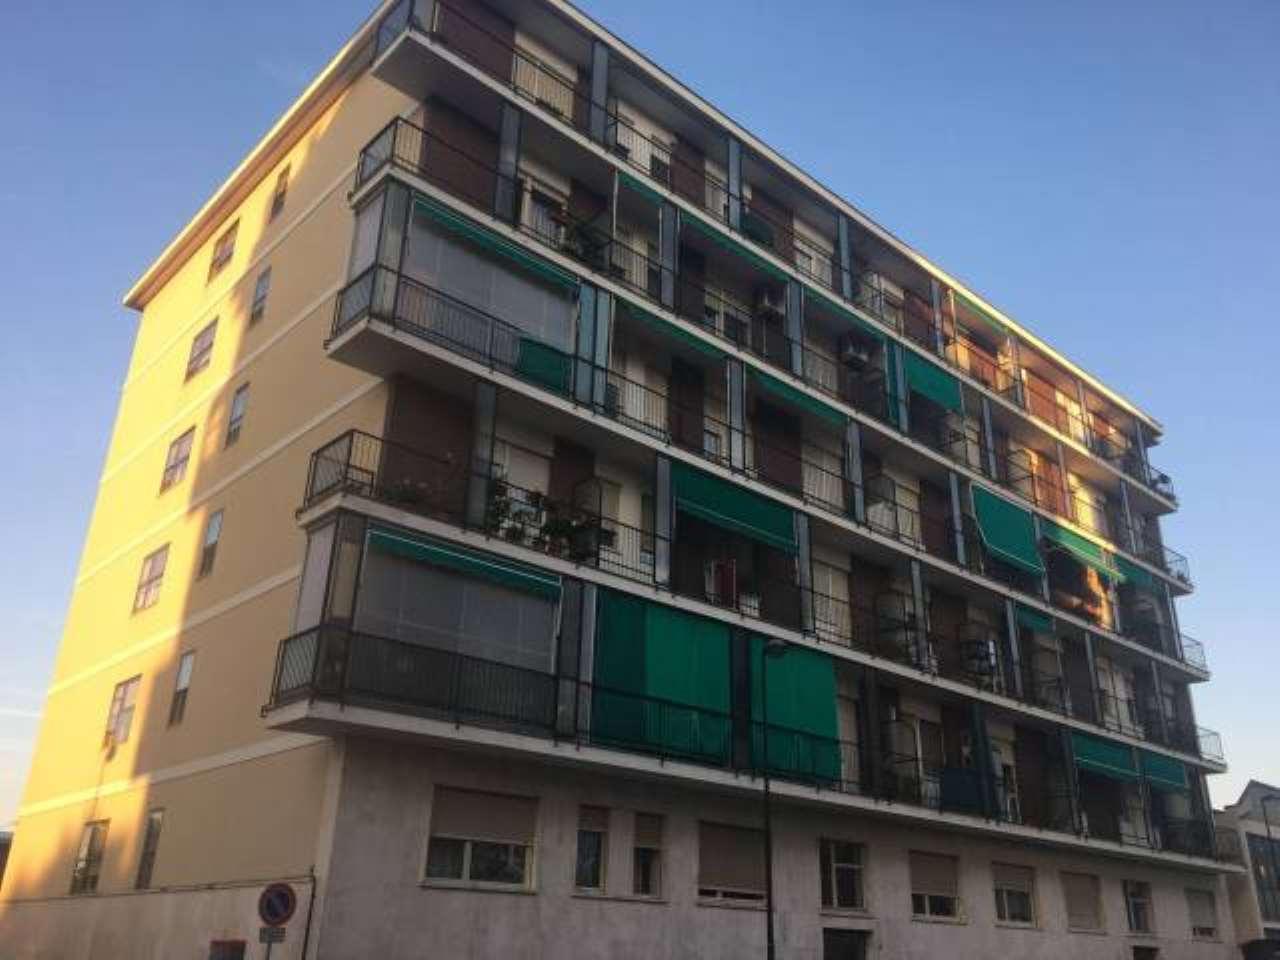 Appartamento in vendita a Beinasco, 3 locali, prezzo € 149.000 | CambioCasa.it